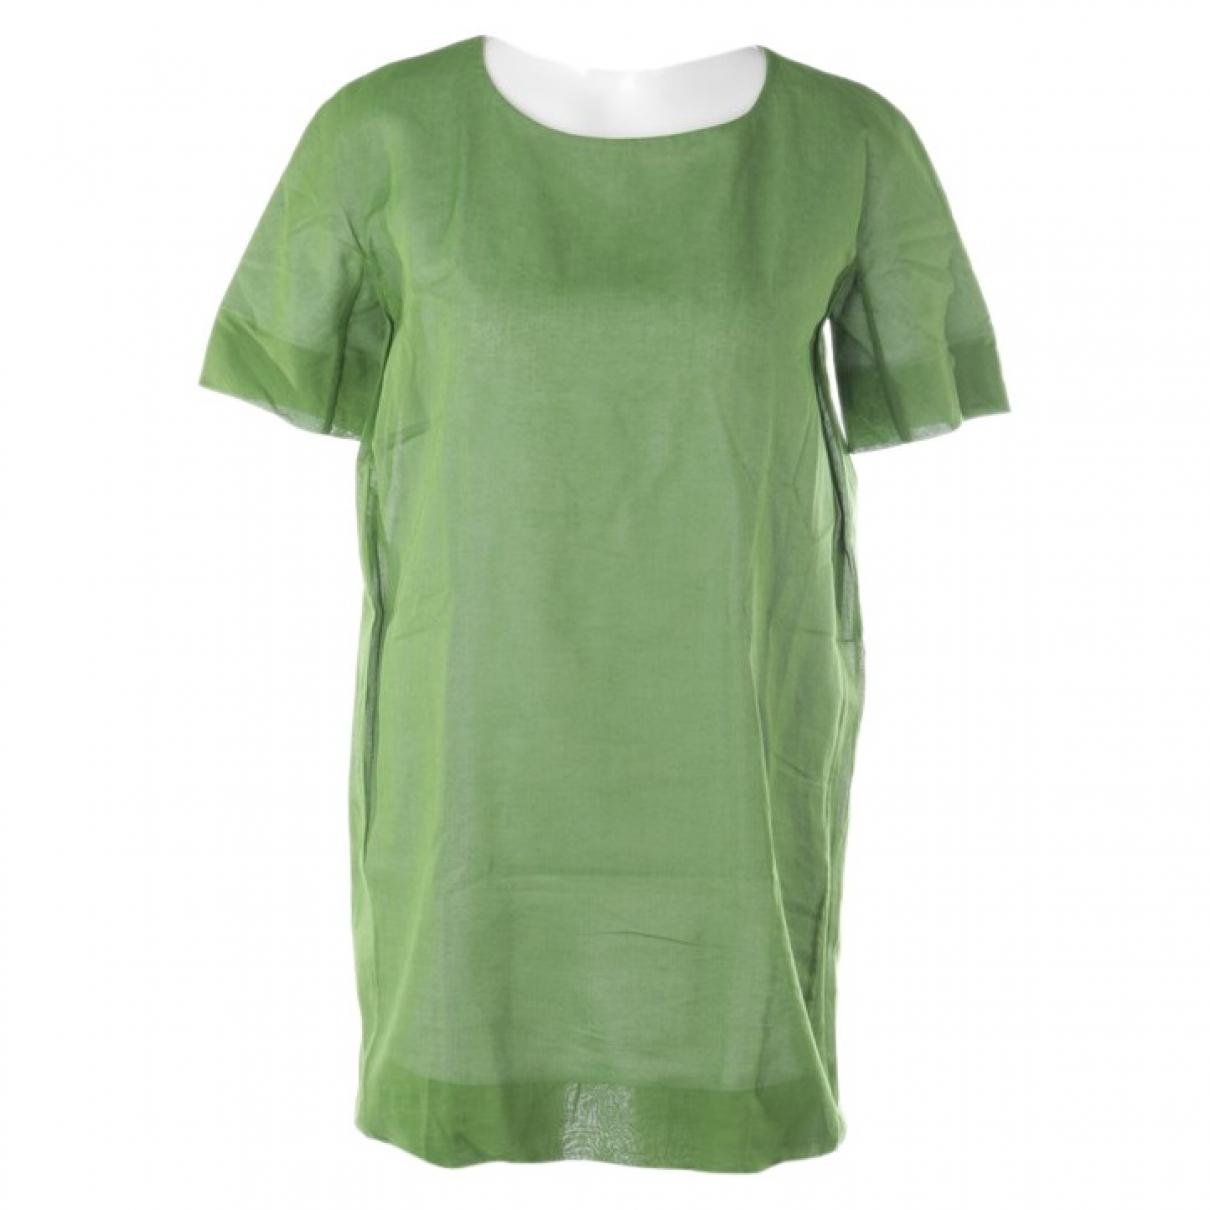 Jil Sander \N Kleid in  Gruen Baumwolle